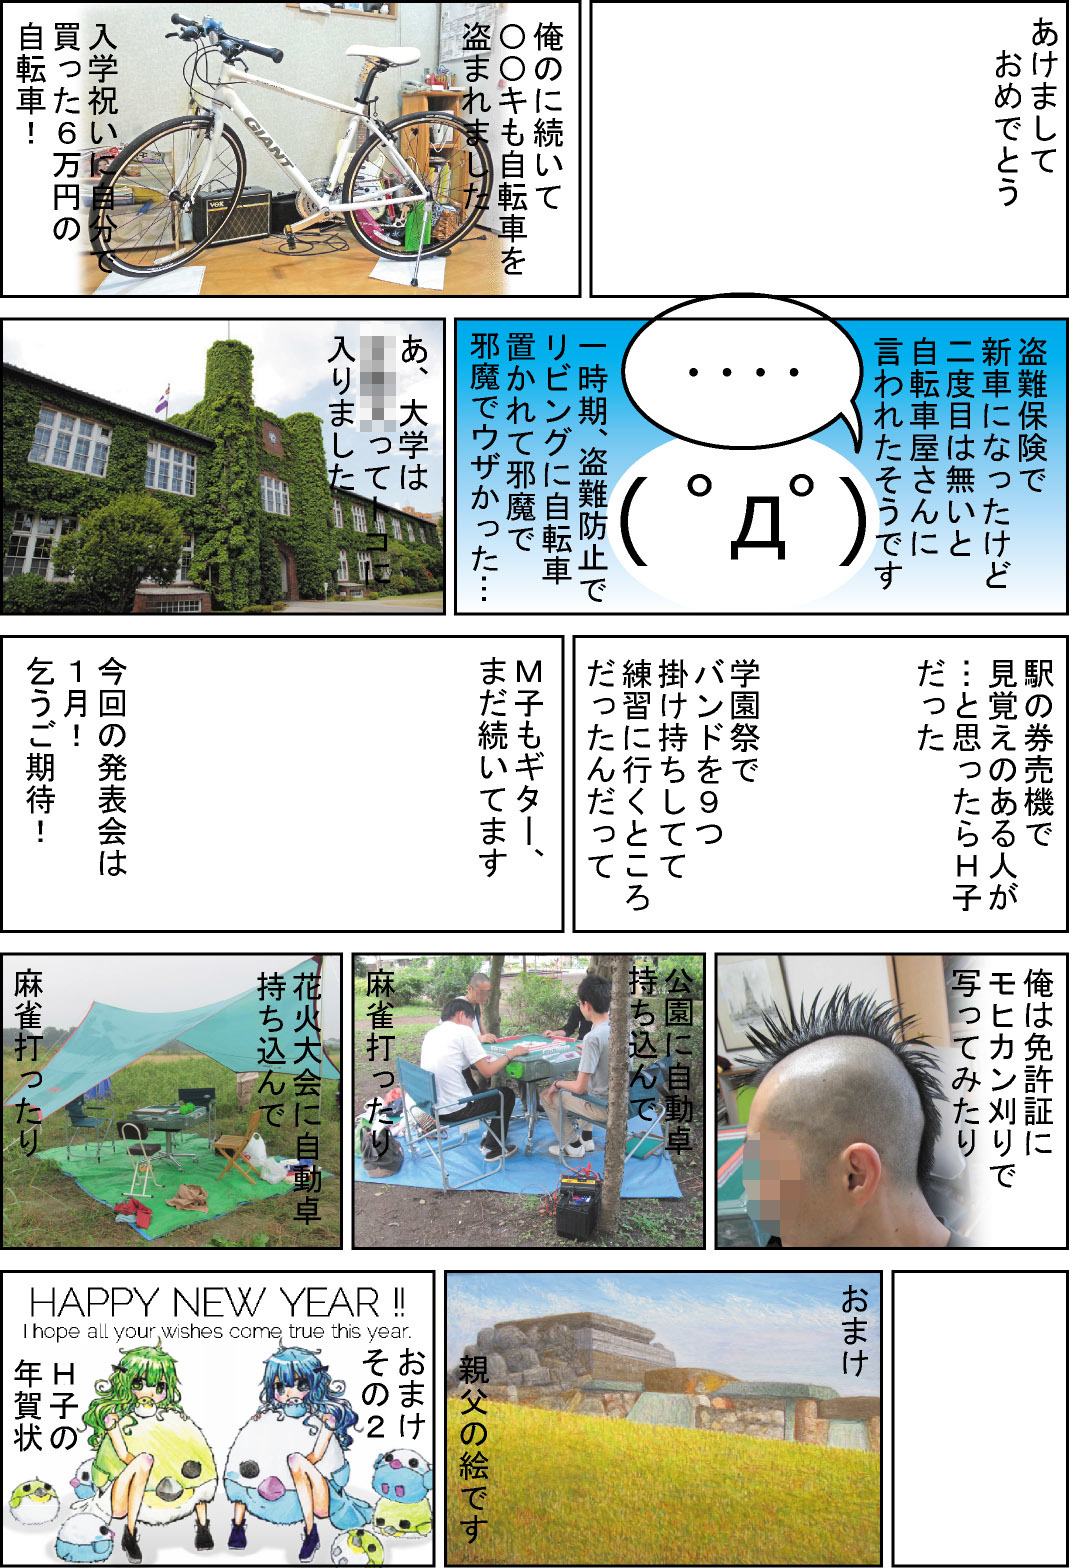 2017年賀状03